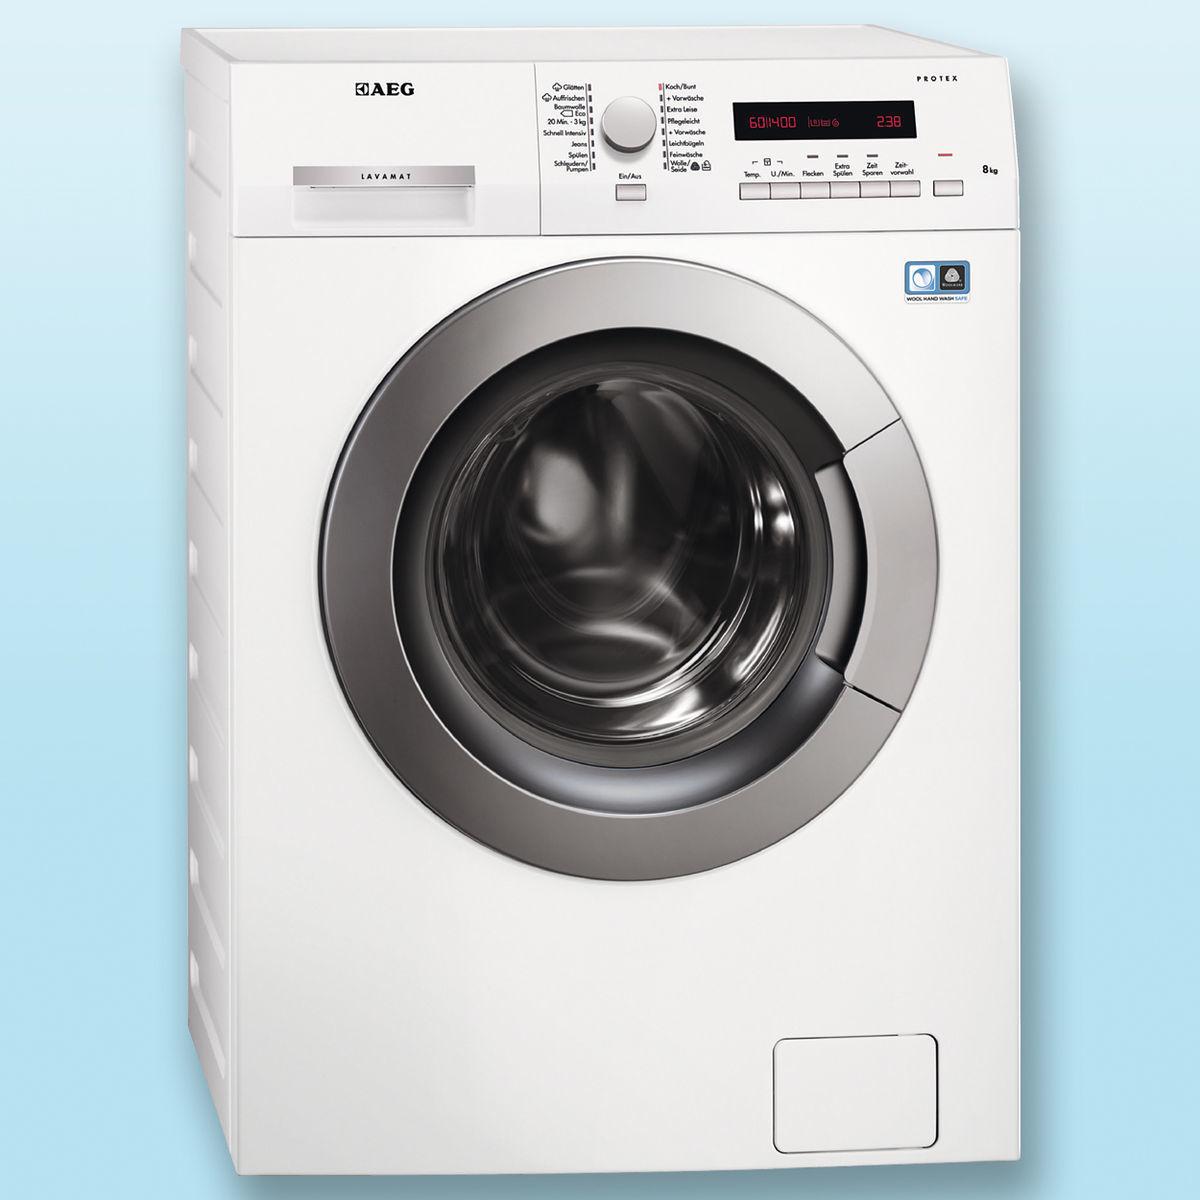 aeg lavamat l7 3 kfl waschmaschine a wei von karstadt ansehen. Black Bedroom Furniture Sets. Home Design Ideas